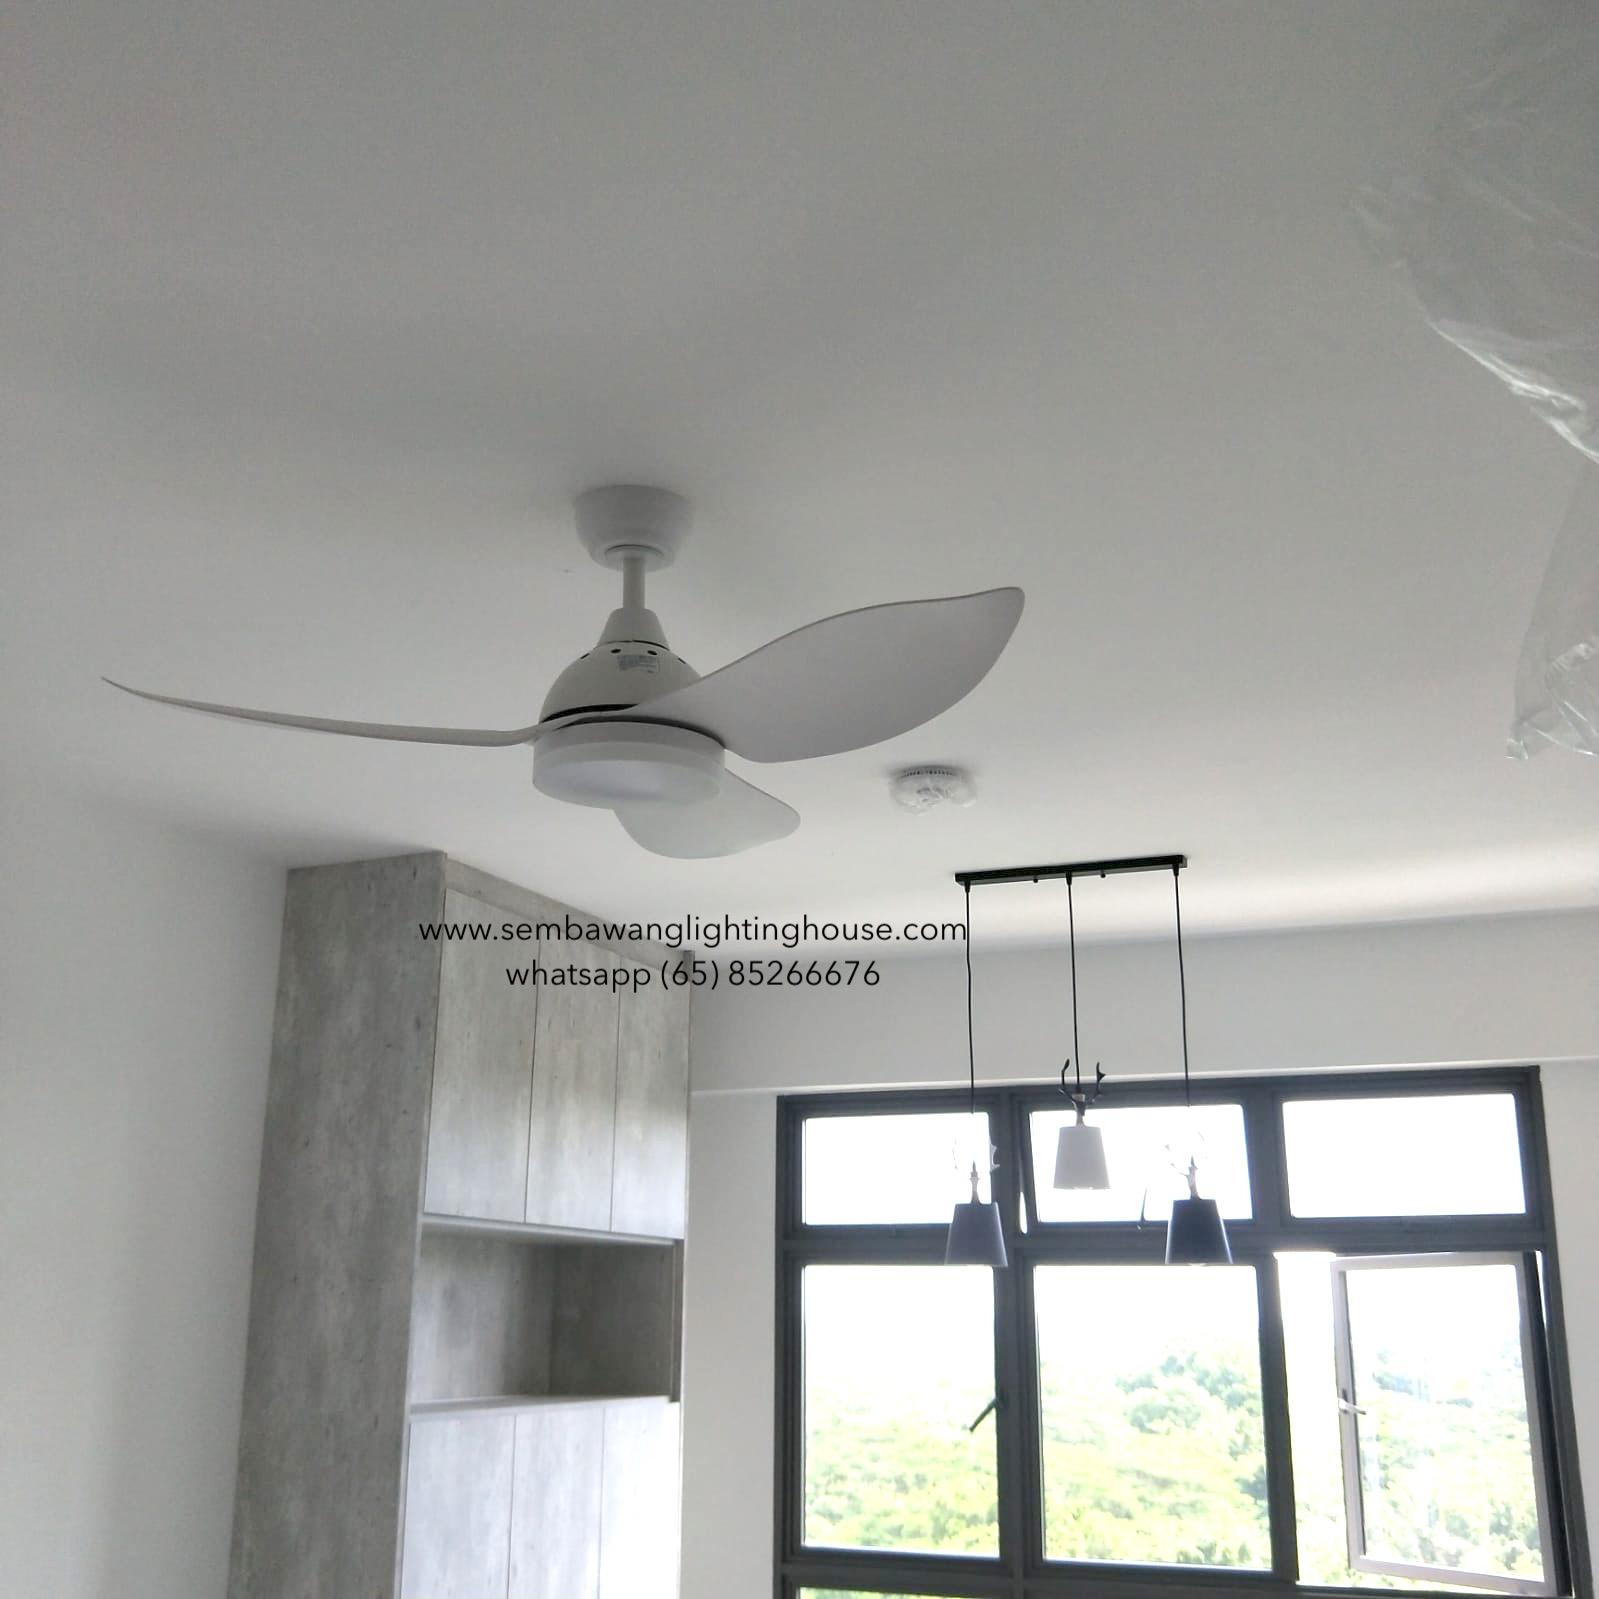 bestar-raptor-white-ceiling-fan-with-light-sembawang-lighting-house-09.jpg